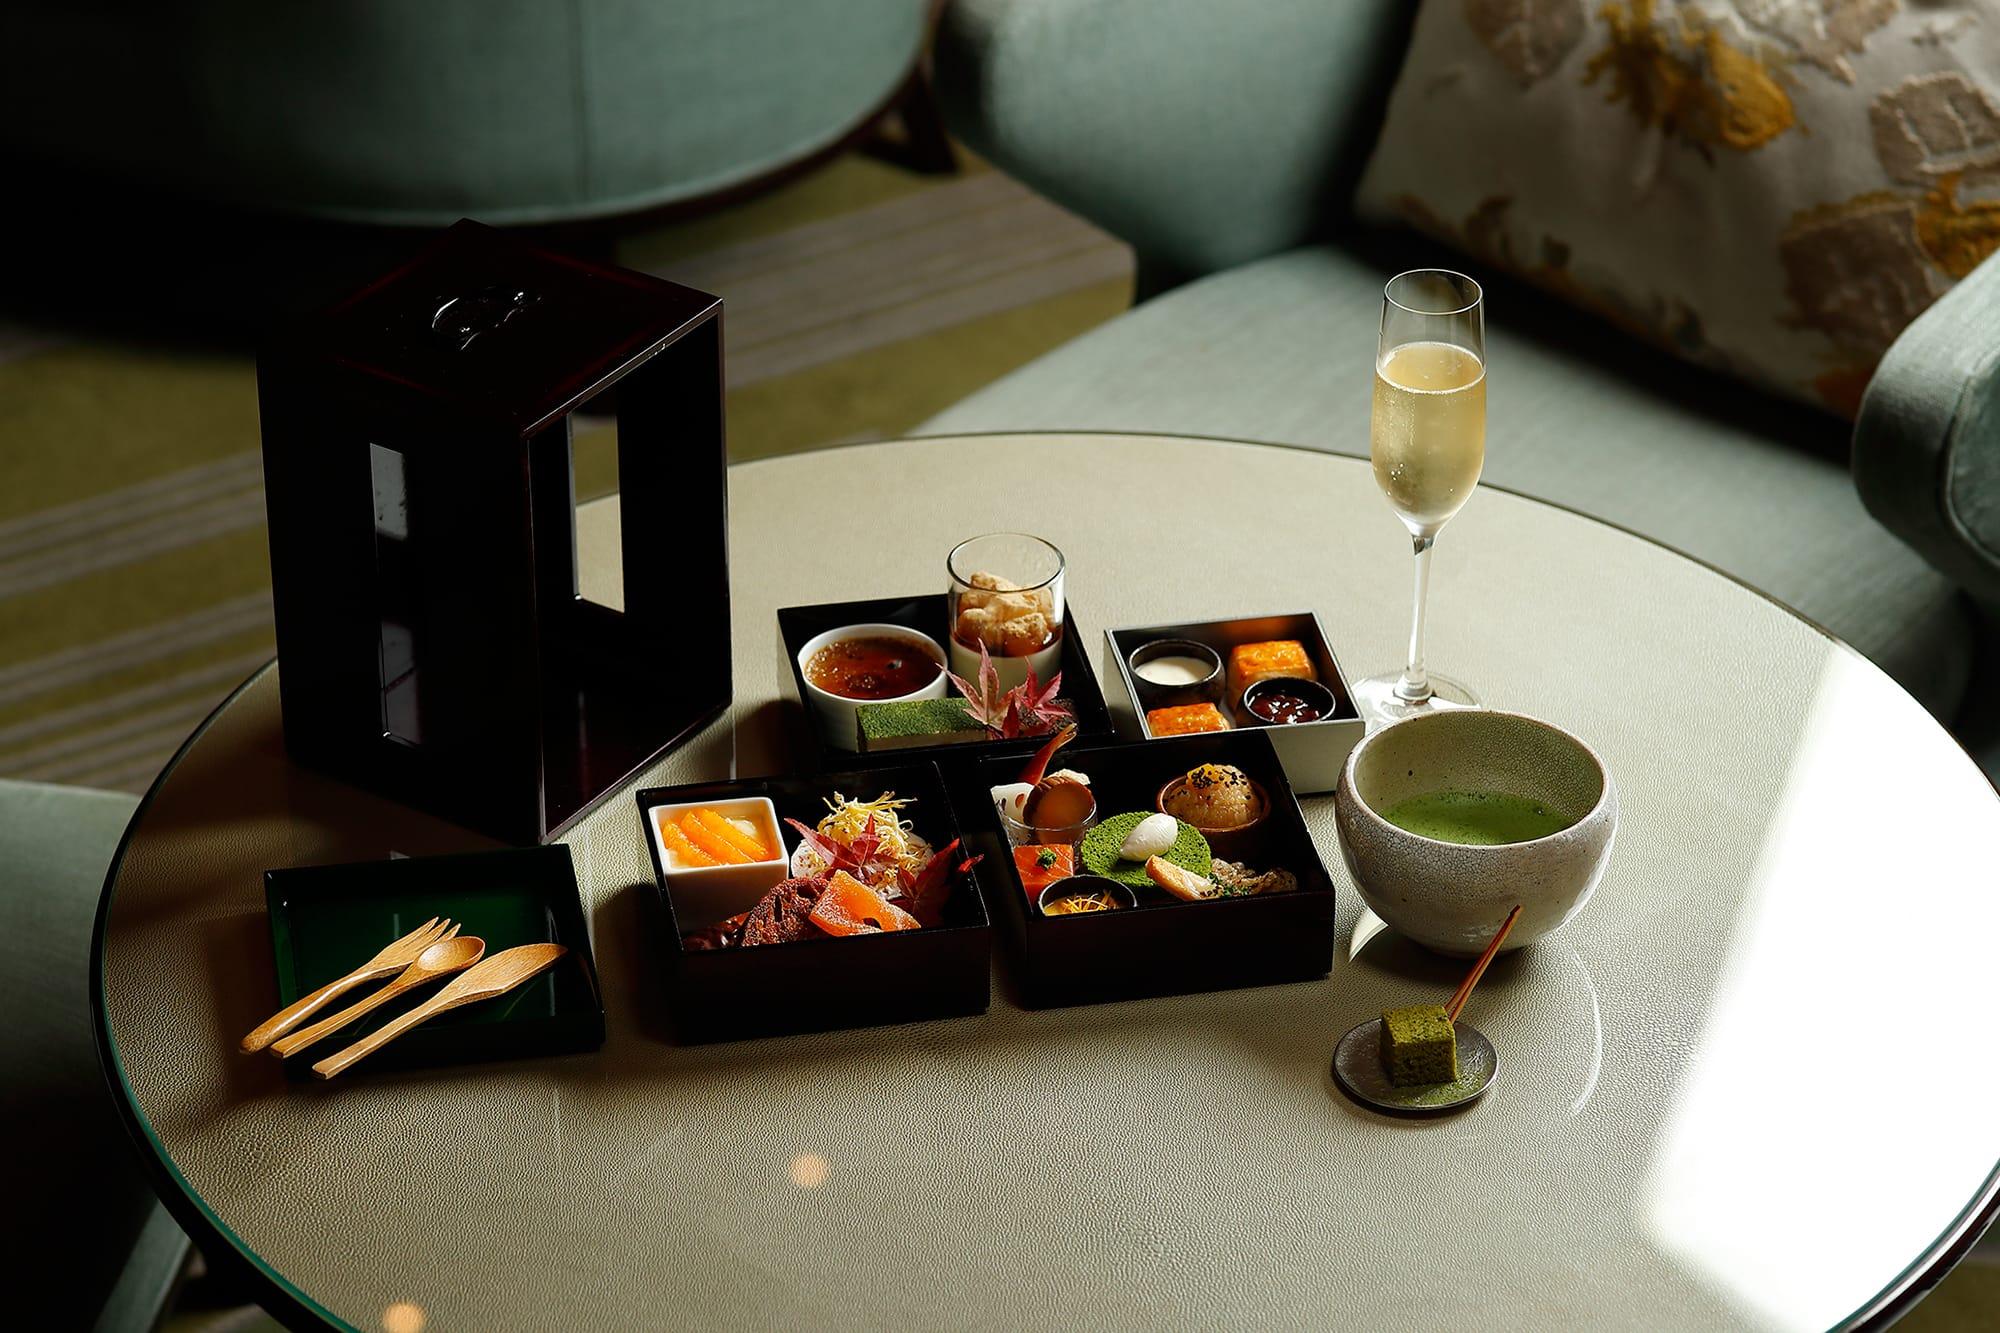 「日本茶喫茶・茶葉の店 寿月堂」が手掛ける「蔵出し濃茶」や「蔵出し薄茶」をスイーツにアレンジ。新たな日本茶の魅力を発見する。シャンパン付きプランも選べる。